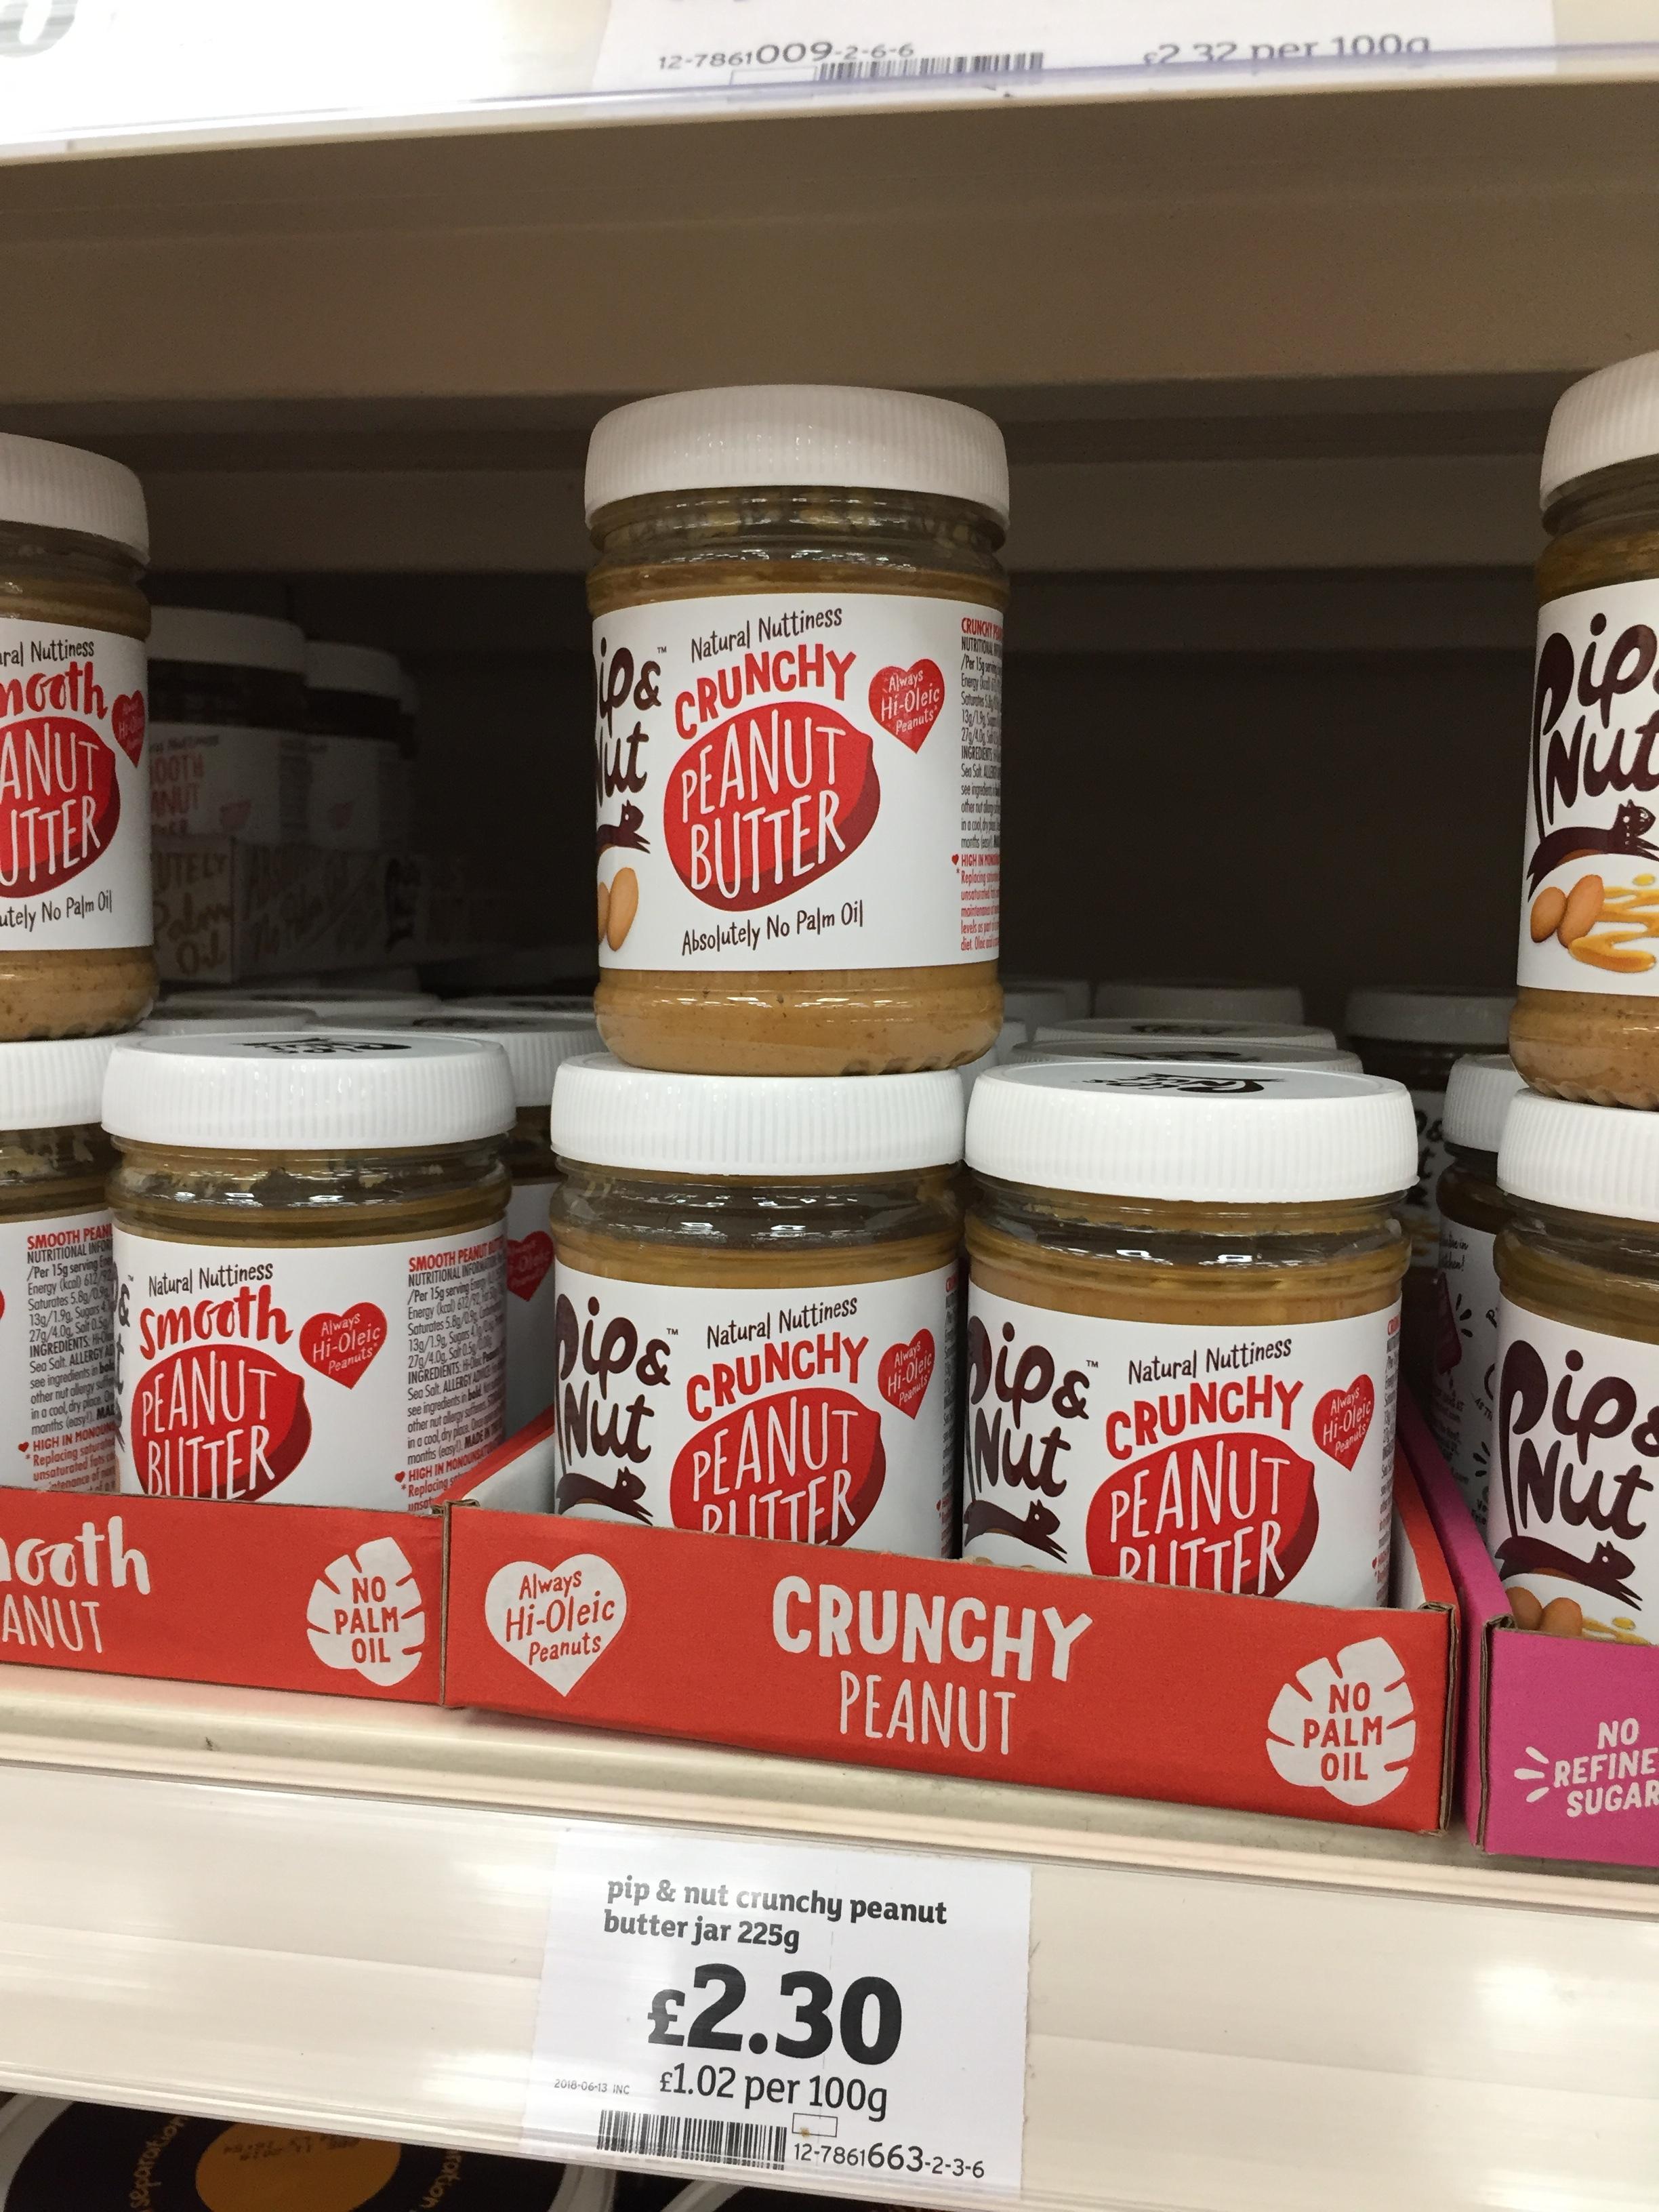 PIp & Nut cruncy peanut butter